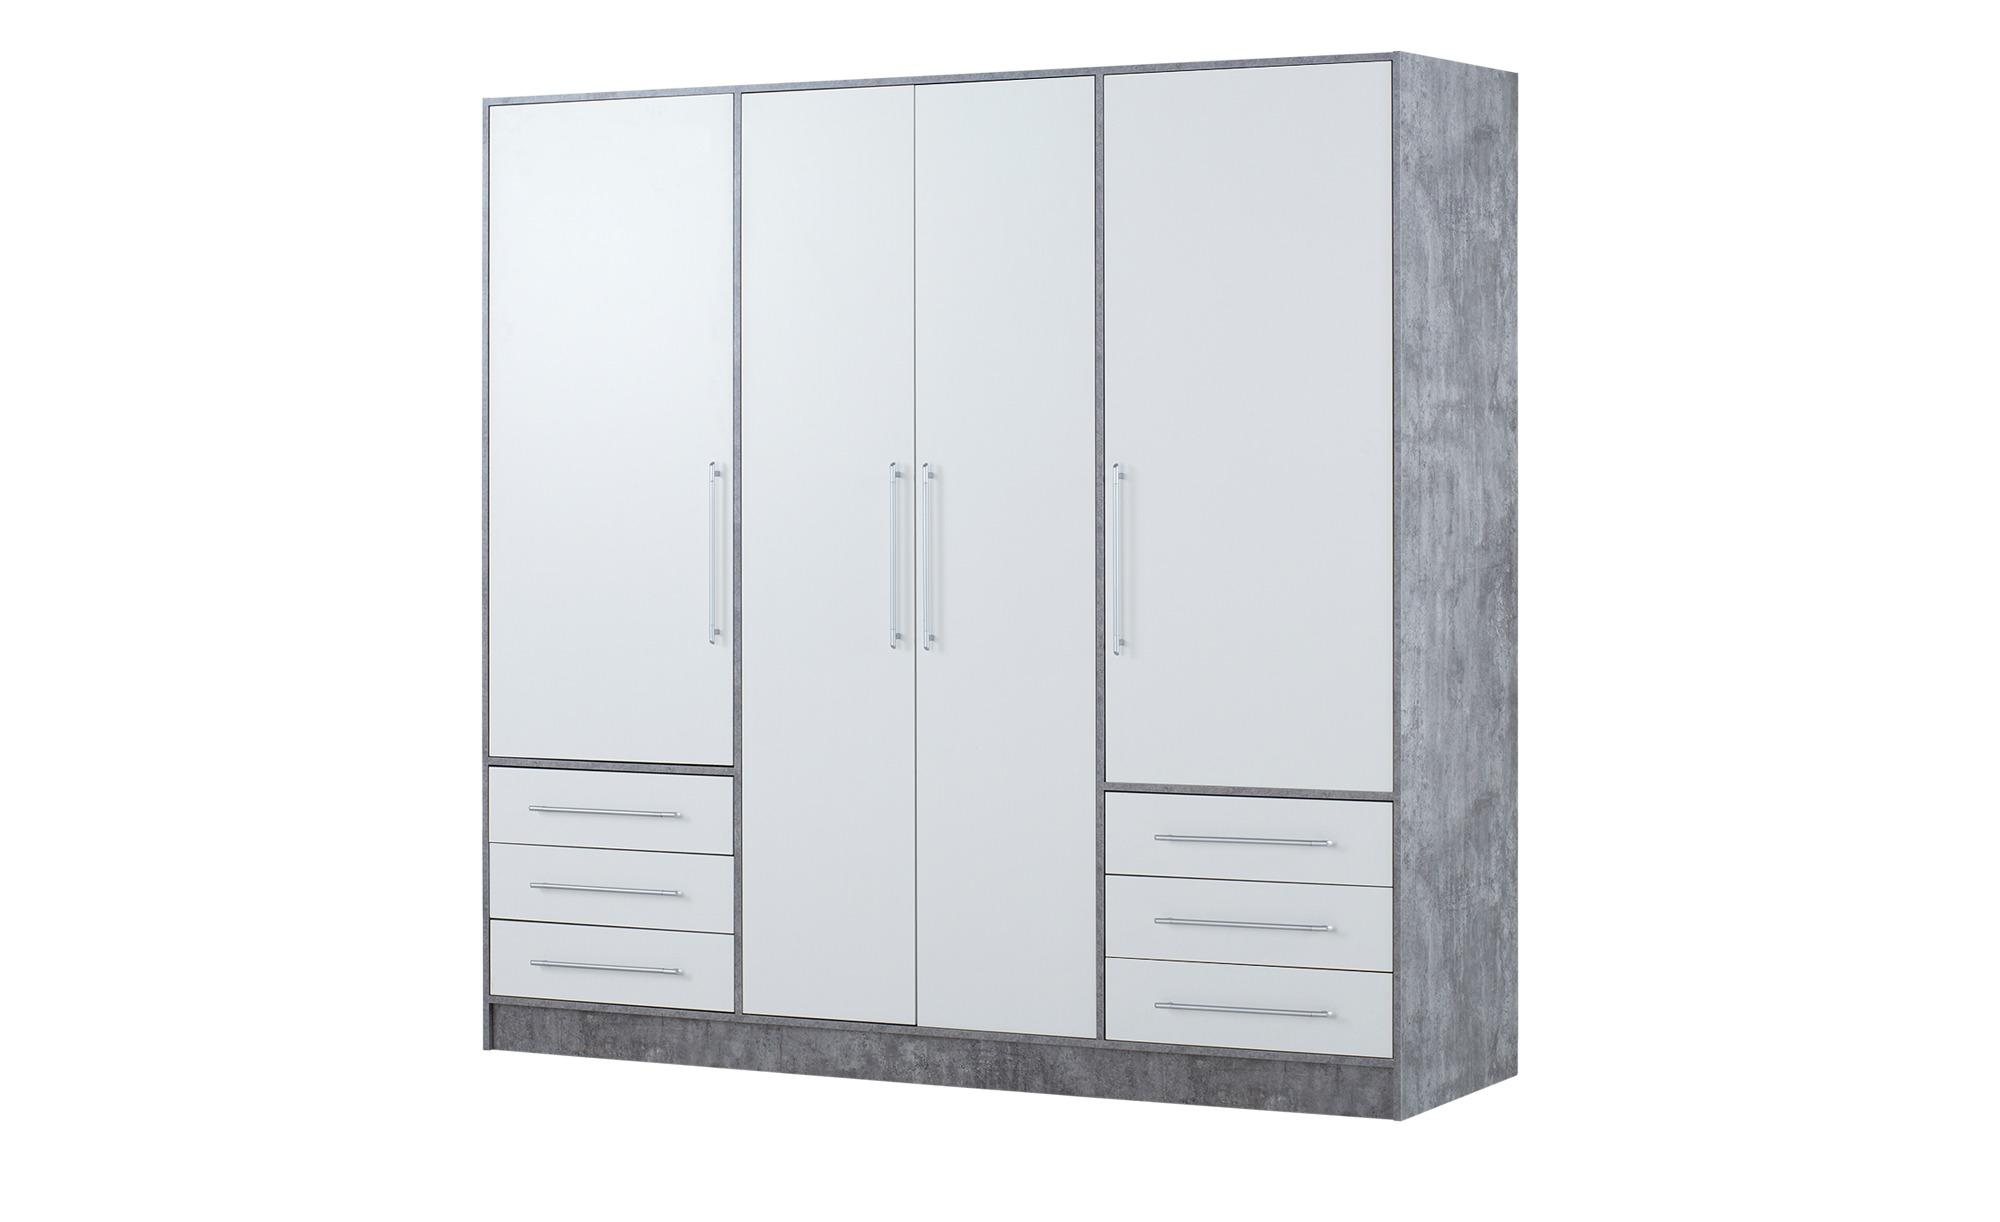 Kleiderschrank  Leek ¦ grau Schränke > Schranksysteme - Höffner